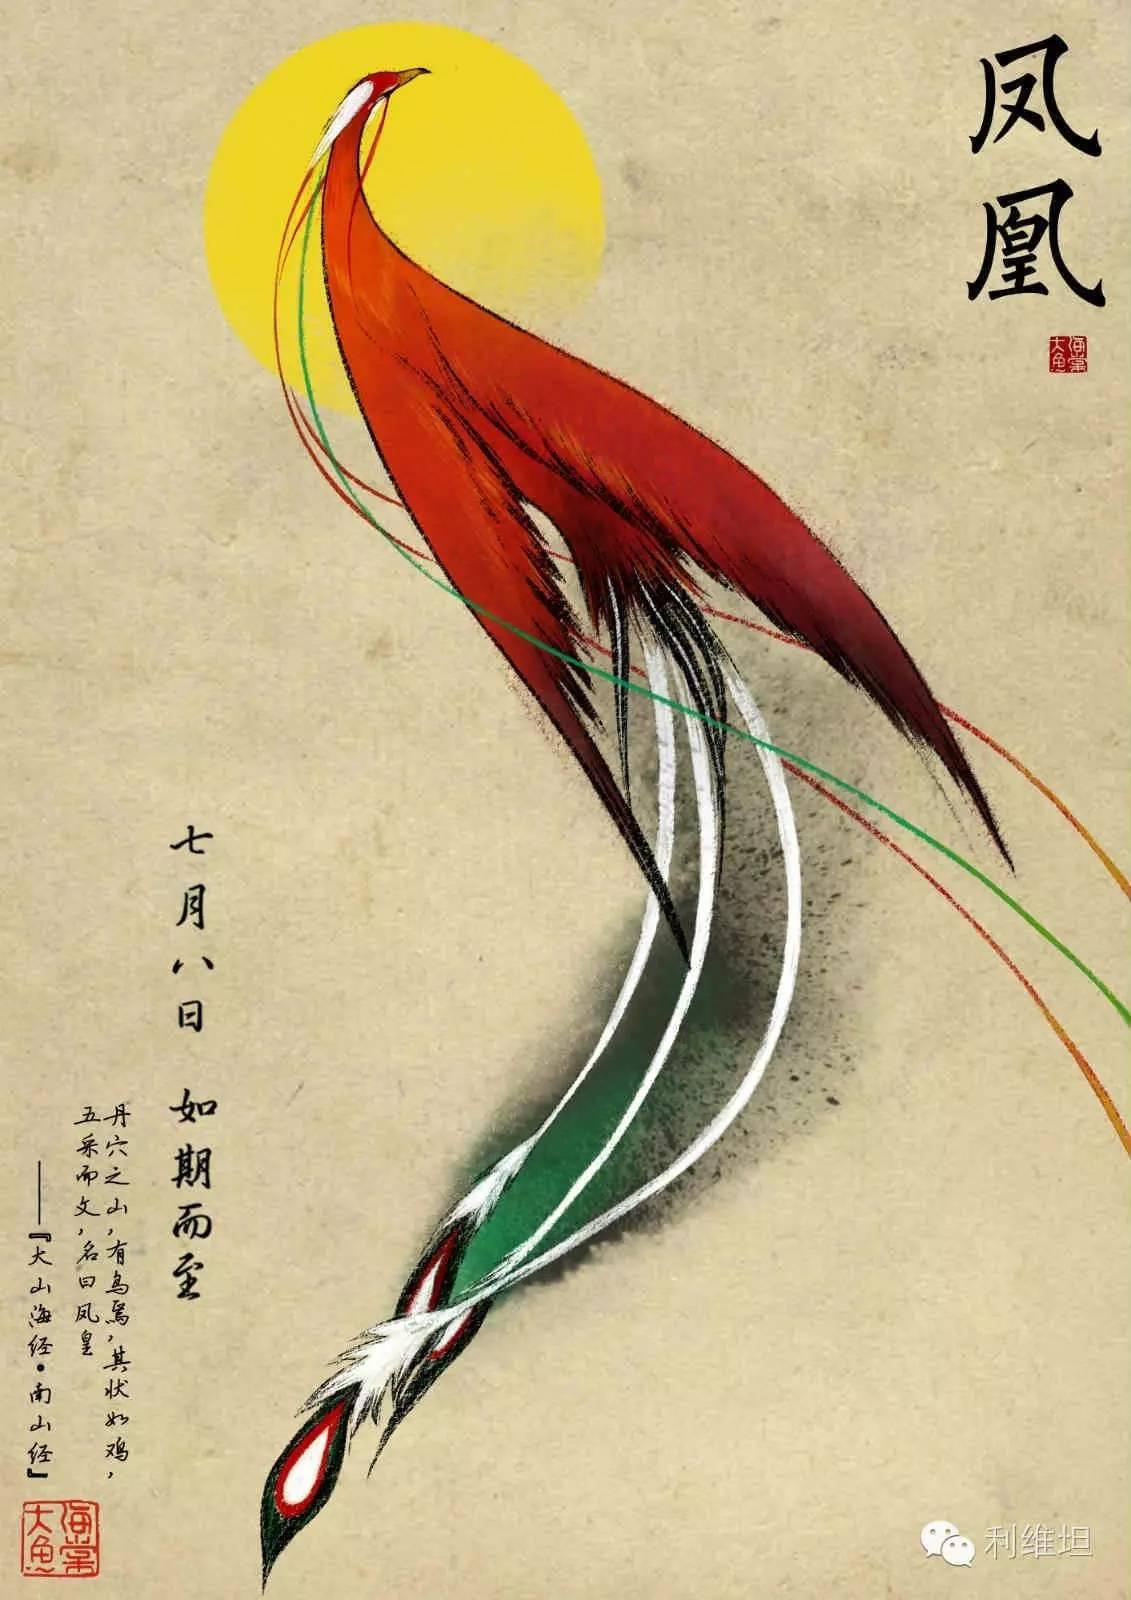 《大鱼海棠》:细聊神话的开端